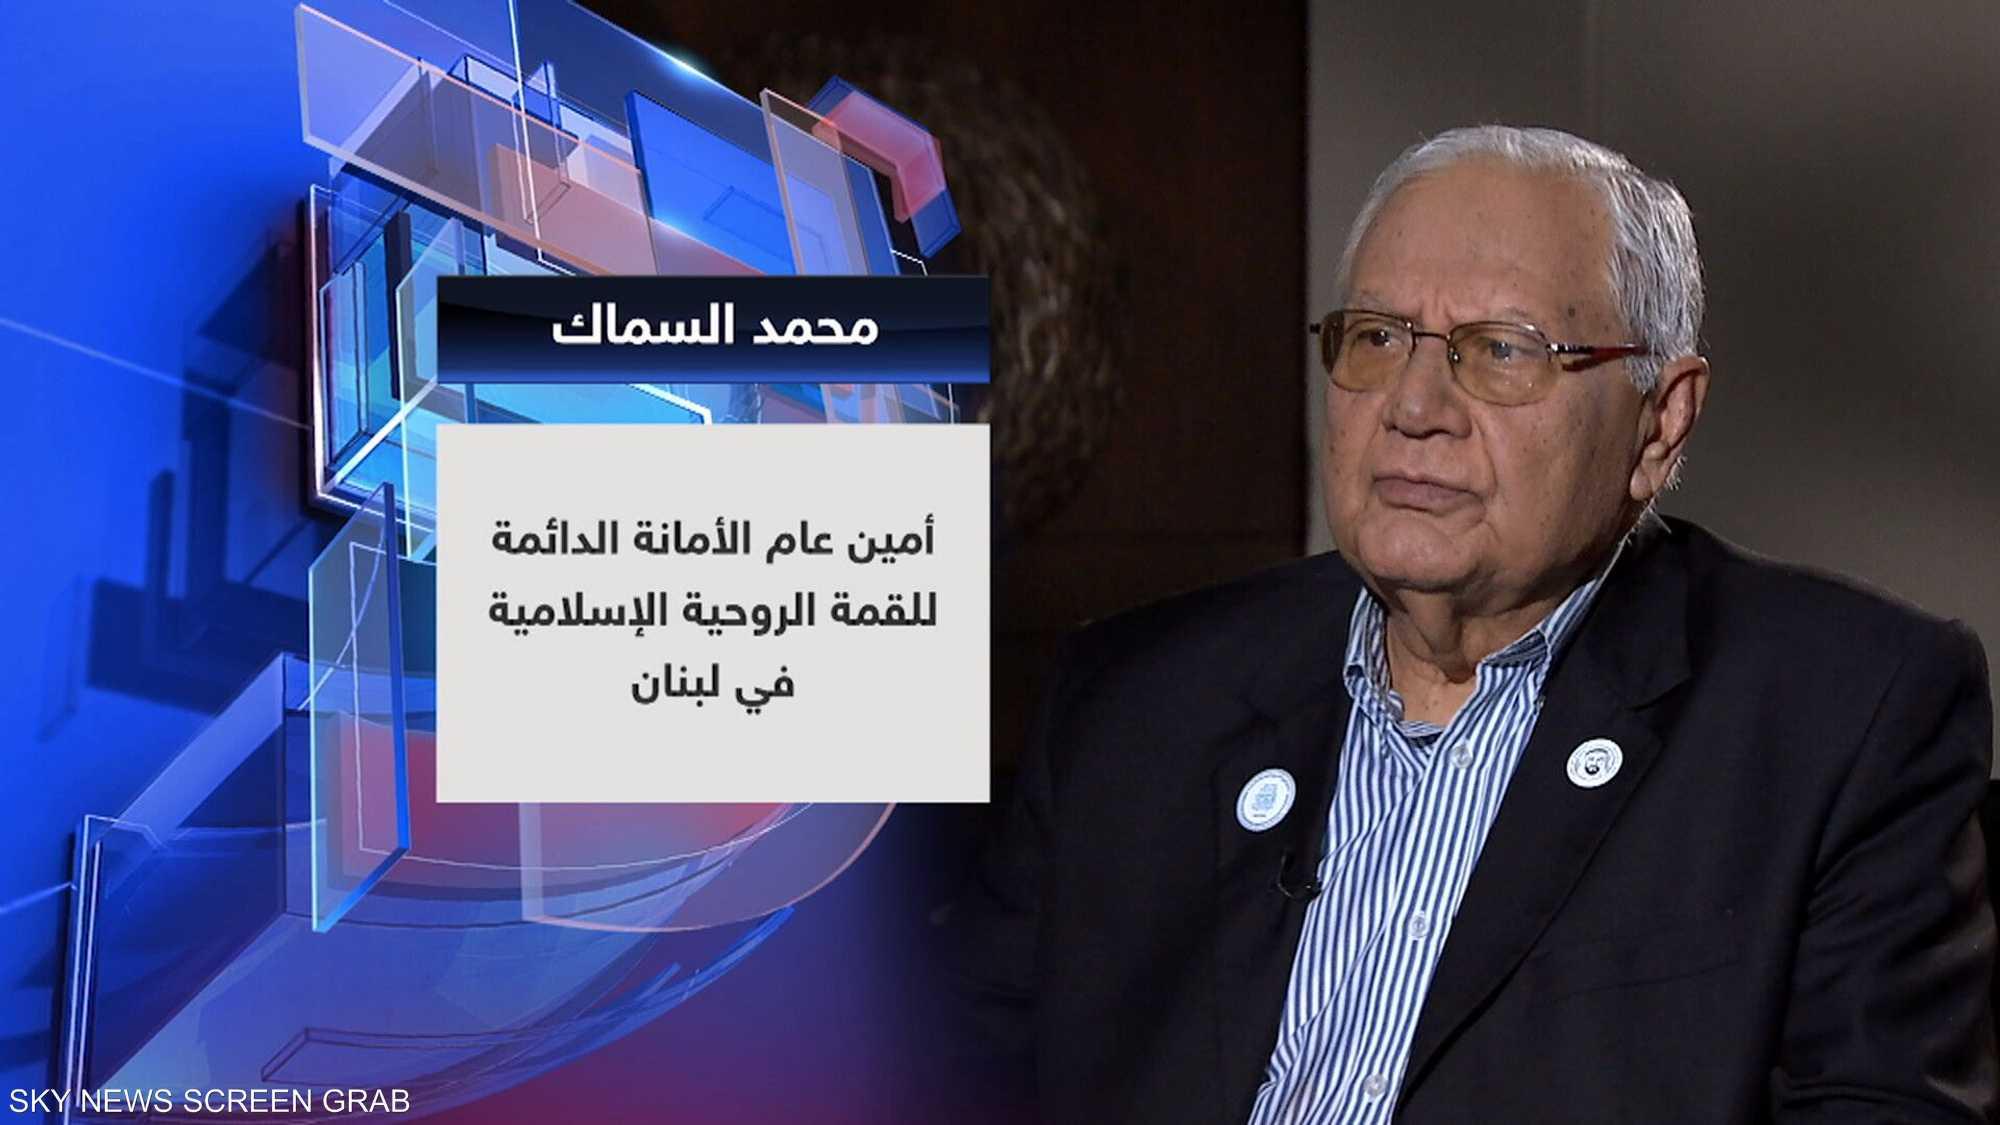 المفكر اللبناني محمد السماك ضيف حلقة حديث العرب